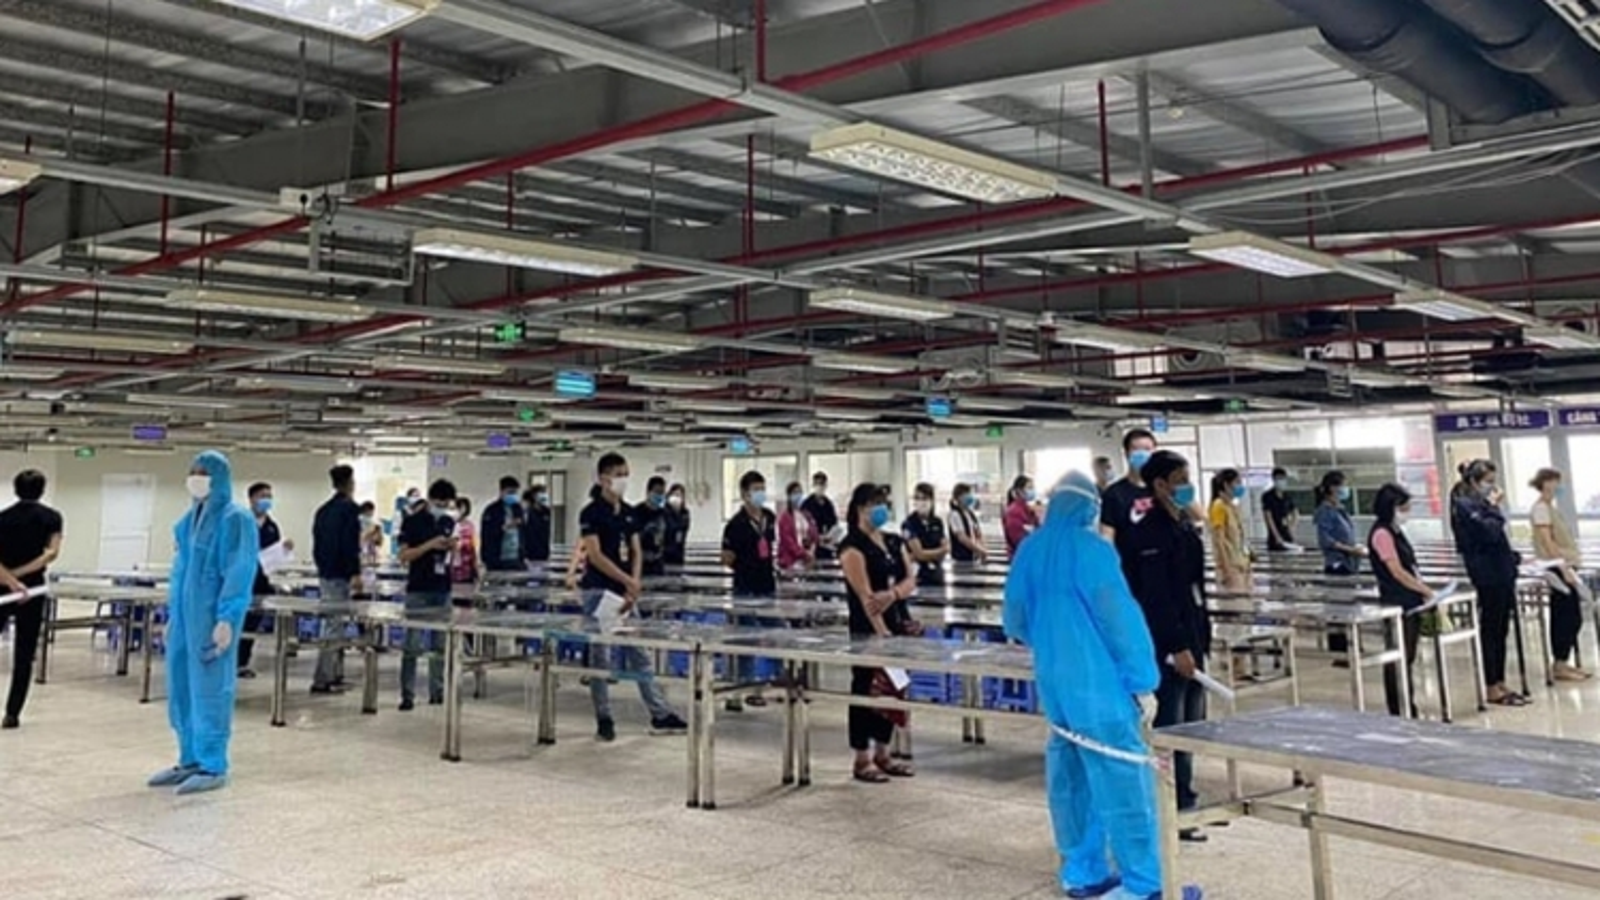 Bắc Giang cần truy vết cộng đồng, không bỏ lọt các trường hợp ho, sốt